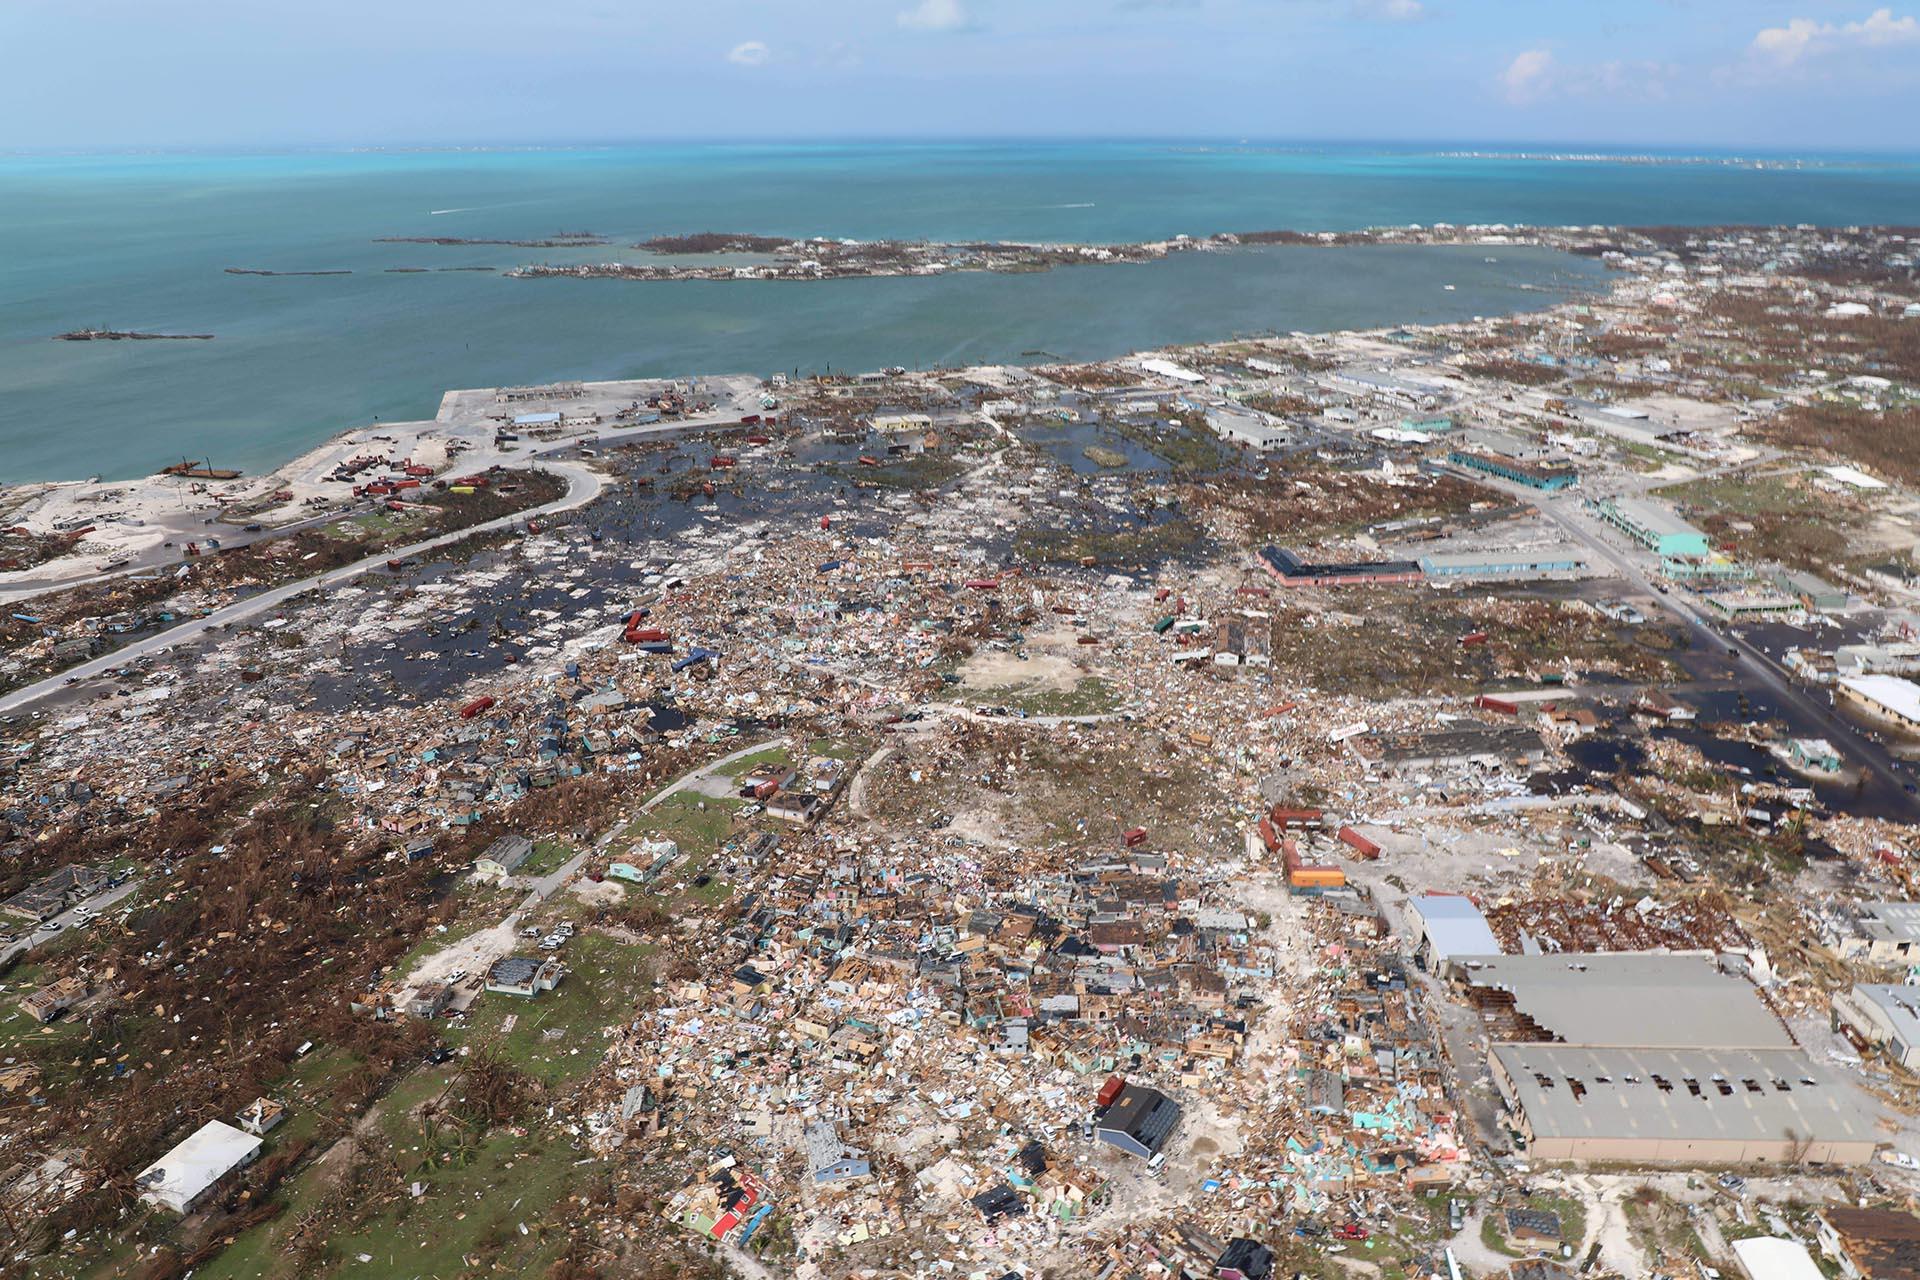 La destrucción causada por el huracán Dorian se ve desde el aire, en Marsh Harbour, isla Ábaco, Bahamas, el miércoles 4 de septiembre de 2019. La cifra de muertos por el huracán Dorian ha subido a 20. El ministro de Salud de las Bahamas, Duane Sands, publicó la cifra el miércoles por la noche y advirtió que era probable que hubiera más muertes